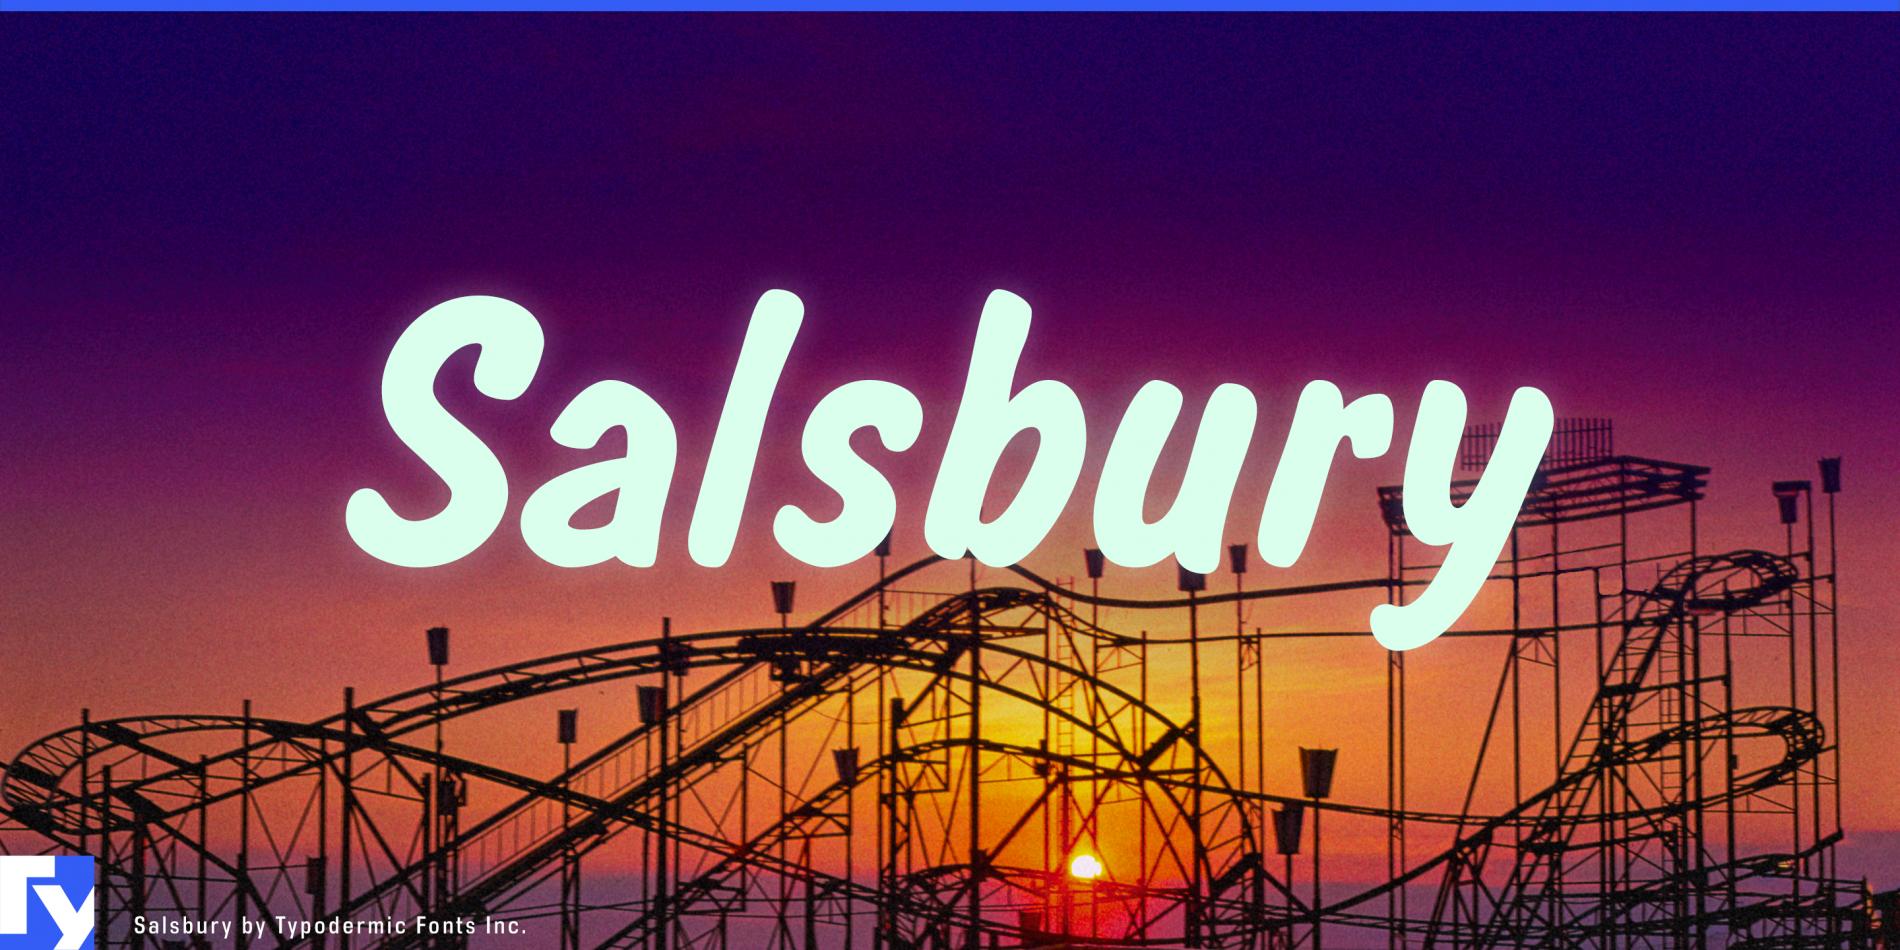 Salsbury